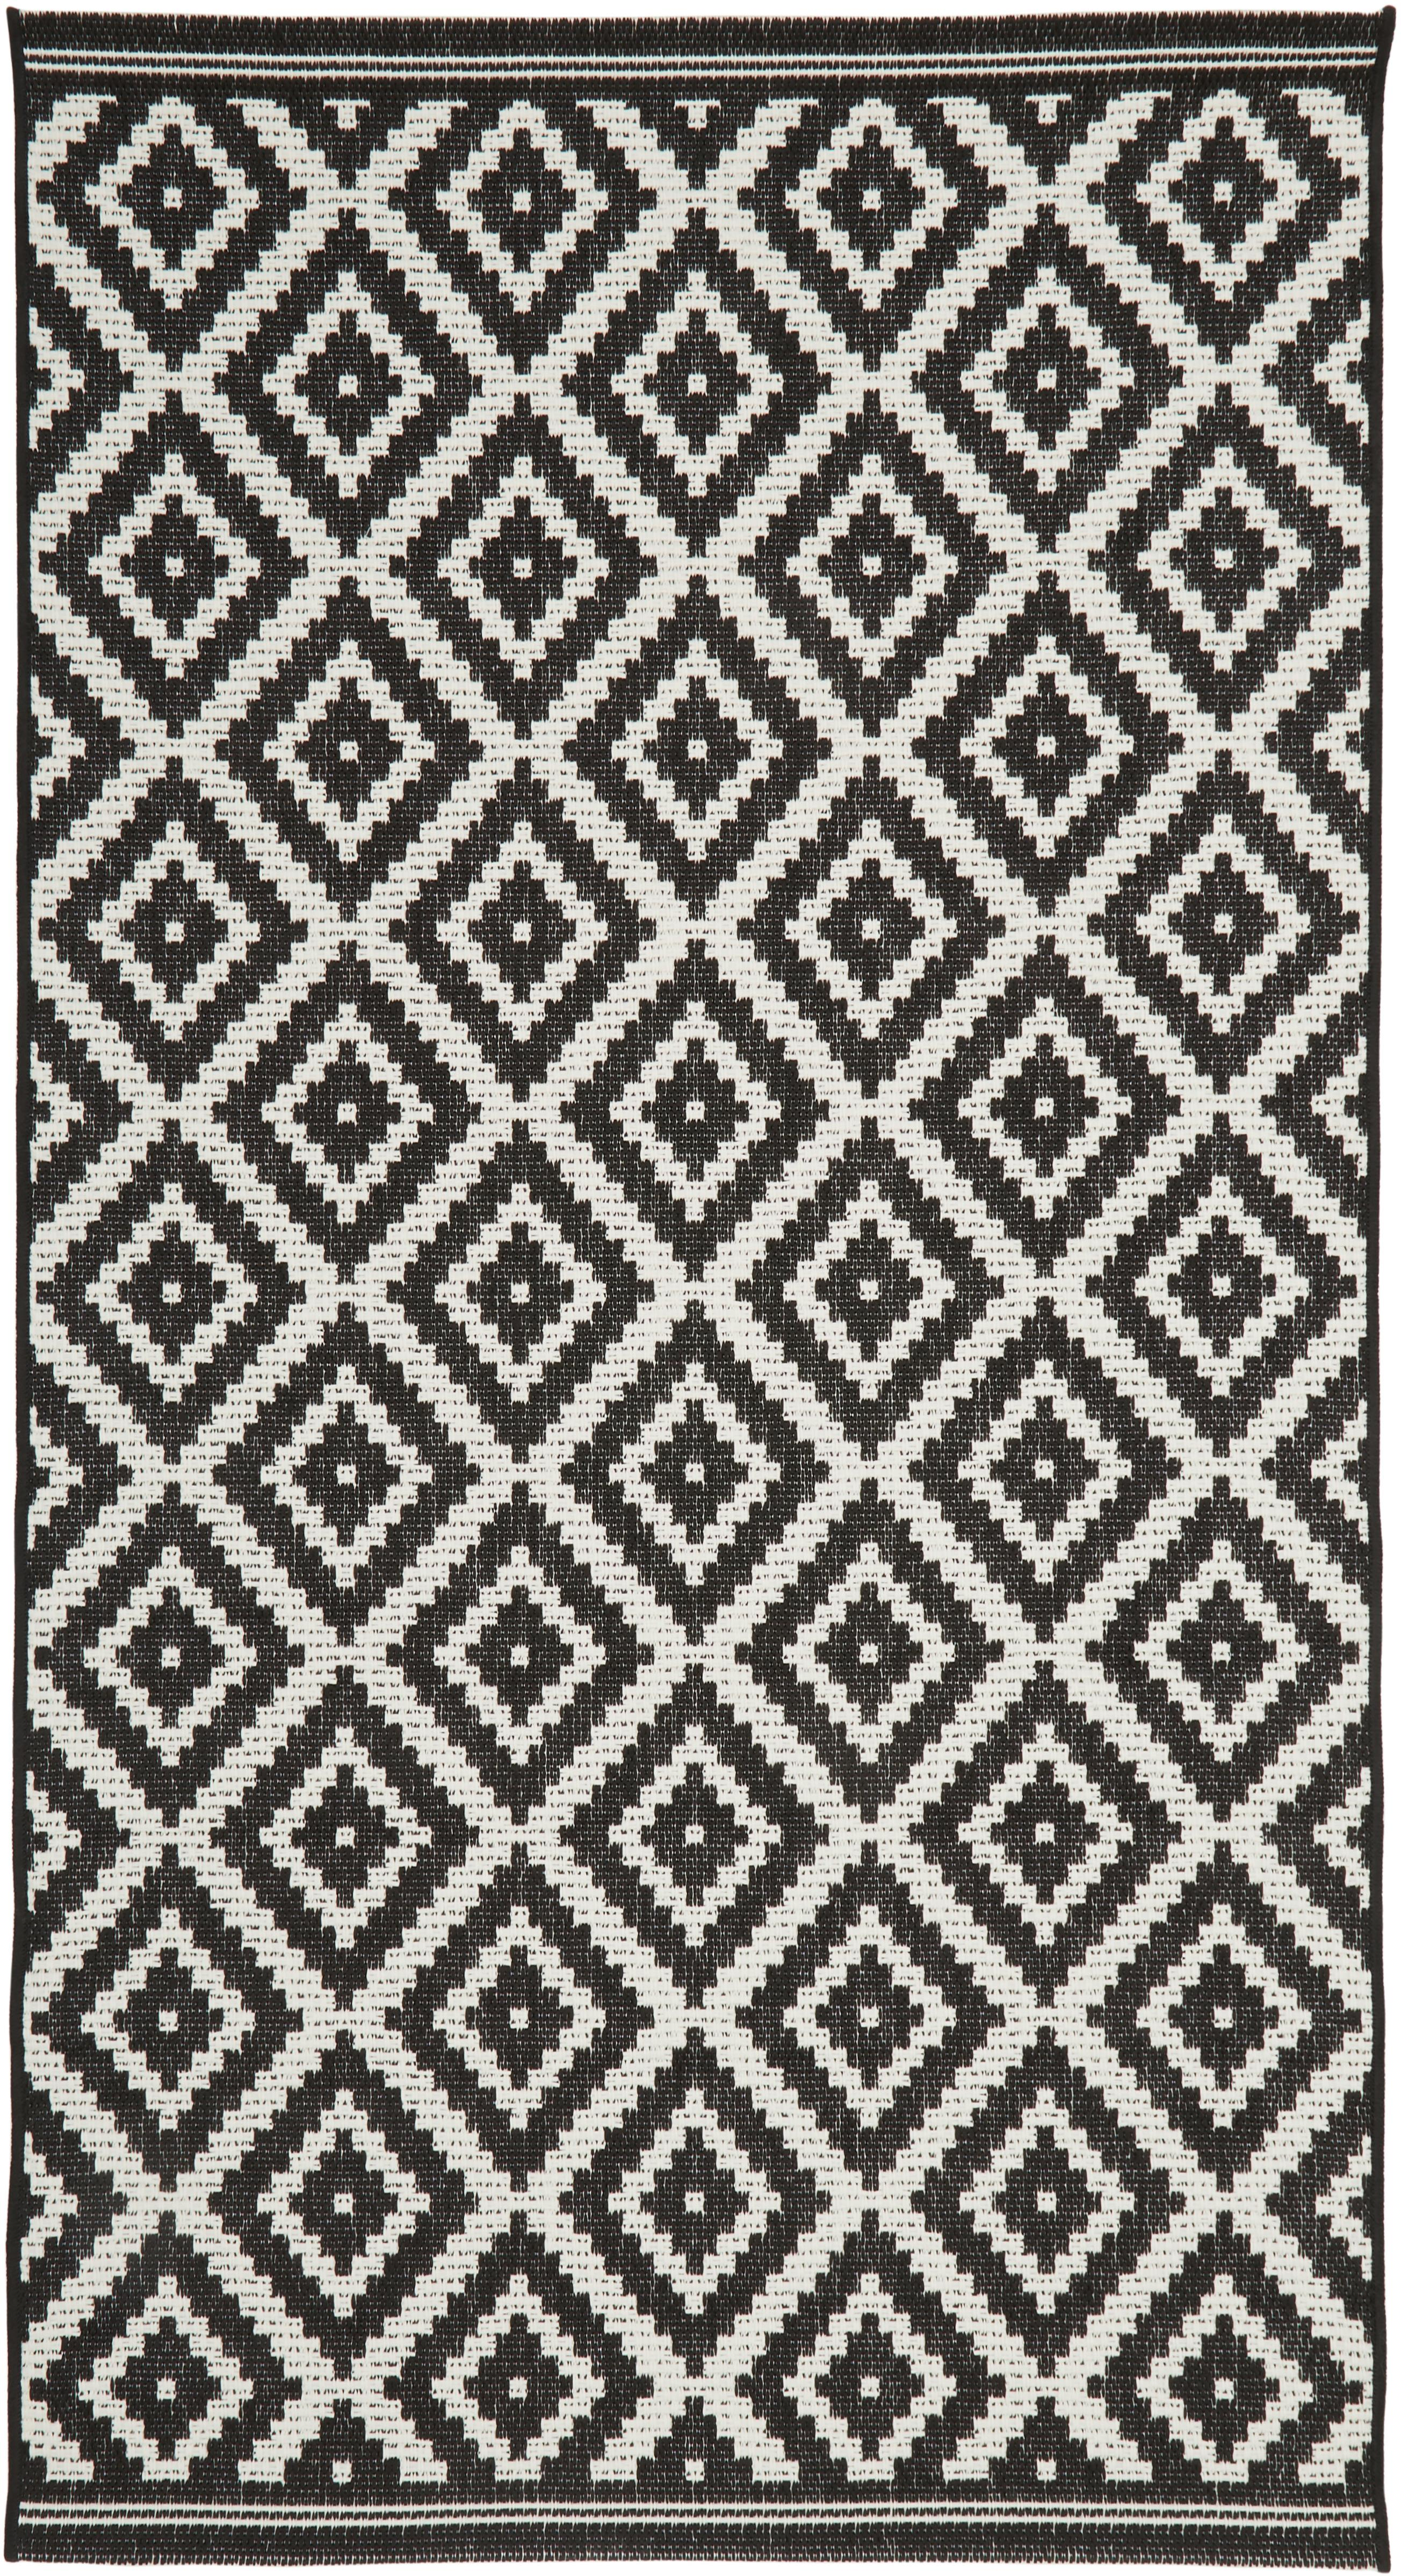 Dywan wewnętrzny/zewnętrzny Miami, Kremowobiały, czarny, S 80 x D 150 cm (Rozmiar XS)